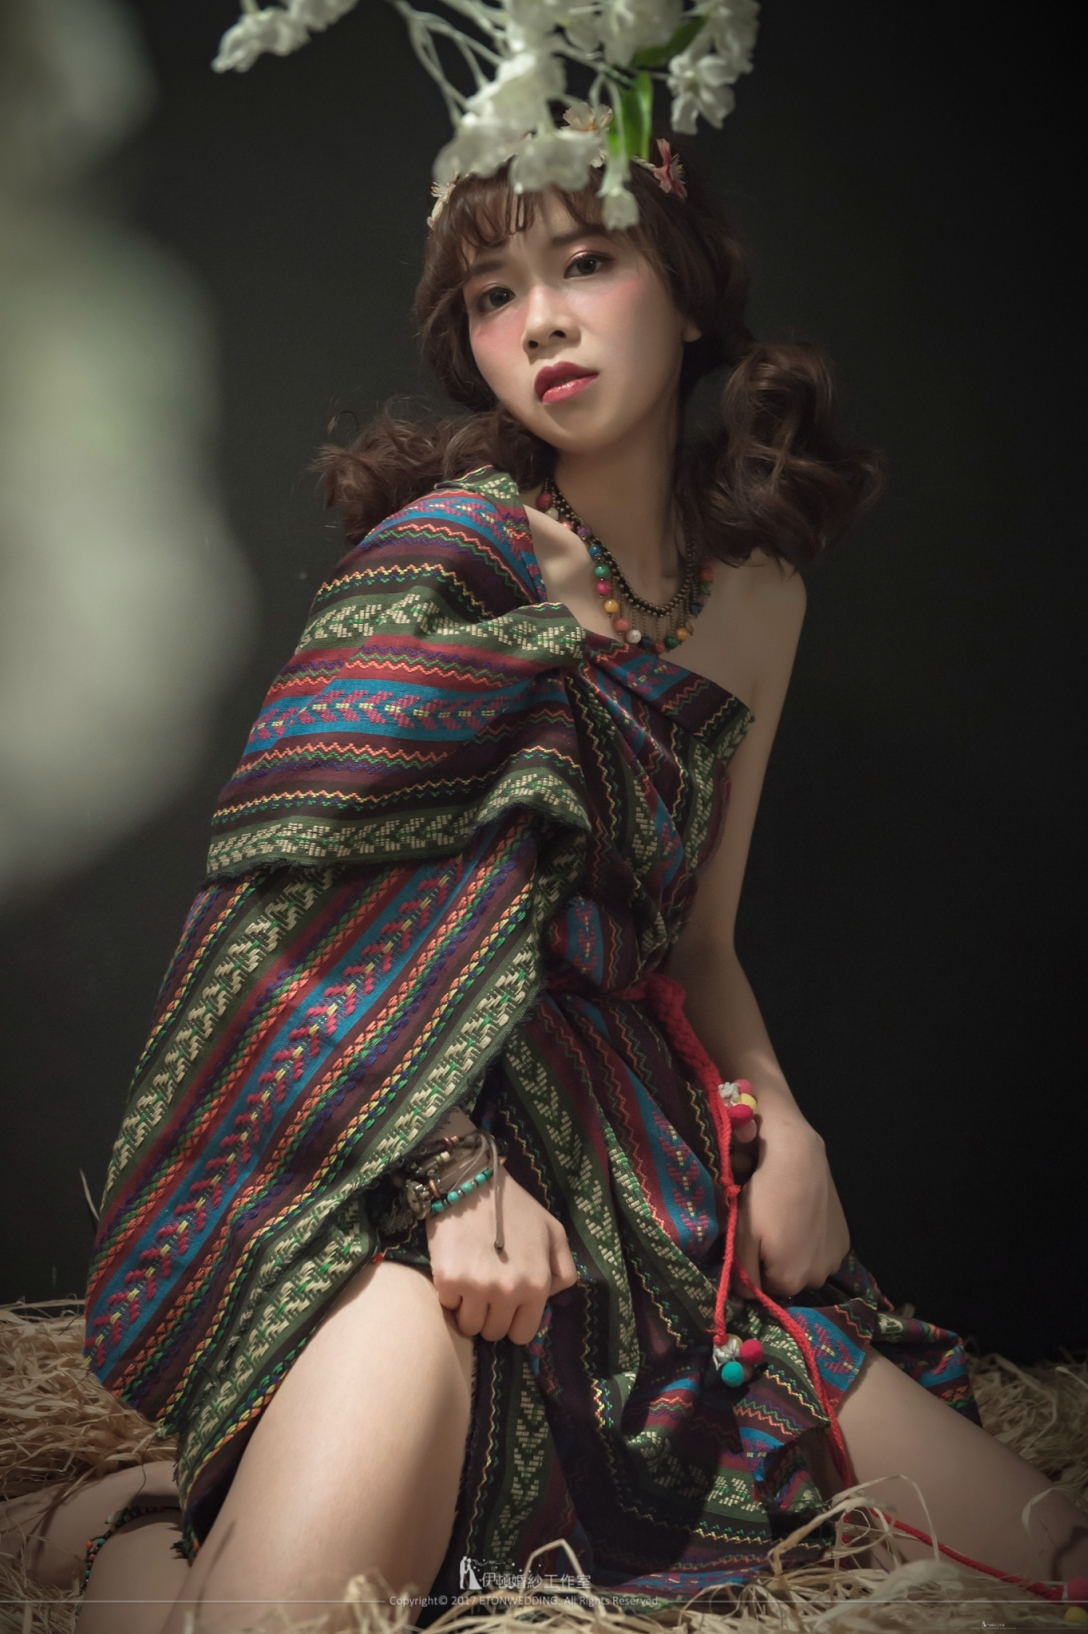 個人婚紗推薦,拍個人婚紗,個人寫真,韓式個人寫真,個人寫真風格,台南個人寫真照,藝術照風格